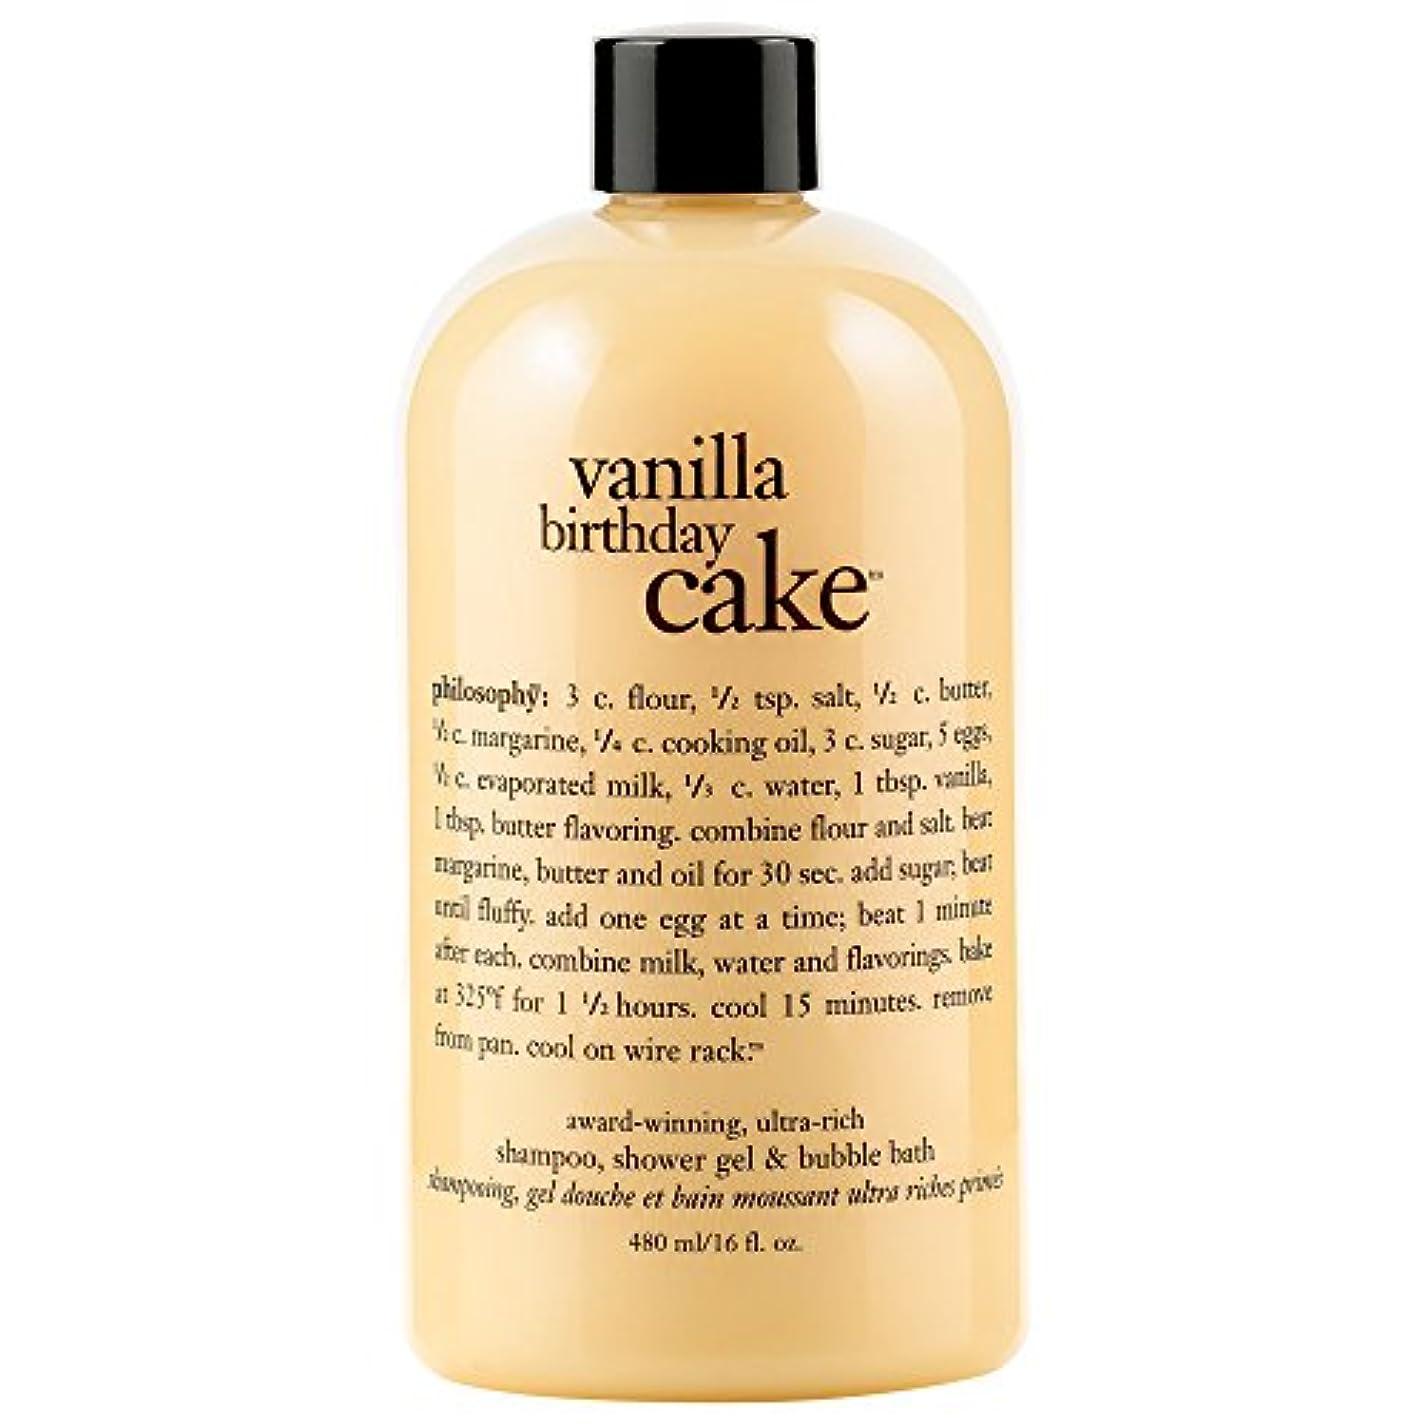 申請中石鹸プランター哲学バニラバースデーケーキシャンプー/シャワージェル/バブルバス480ミリリットル (Philosophy) - Philosophy Vanilla Birthday Cake Shampoo/Shower Gel/Bubble...